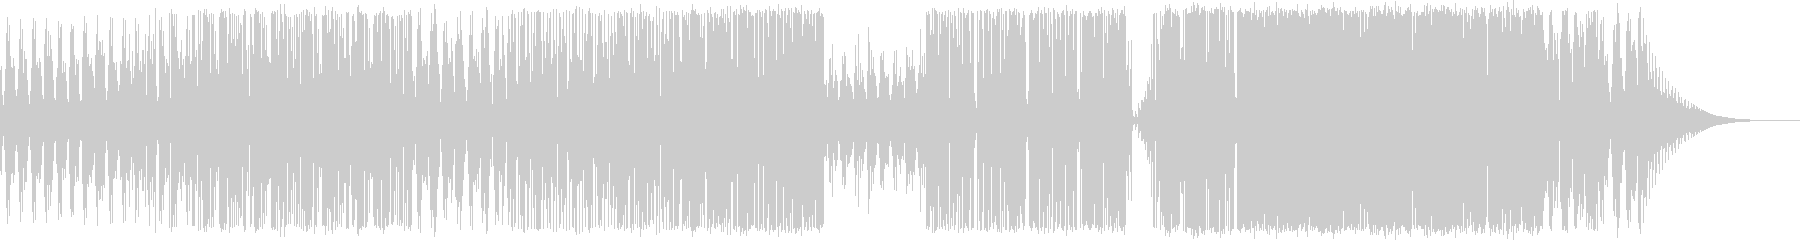 クラシックギターメインのダブステップの未再生の波形